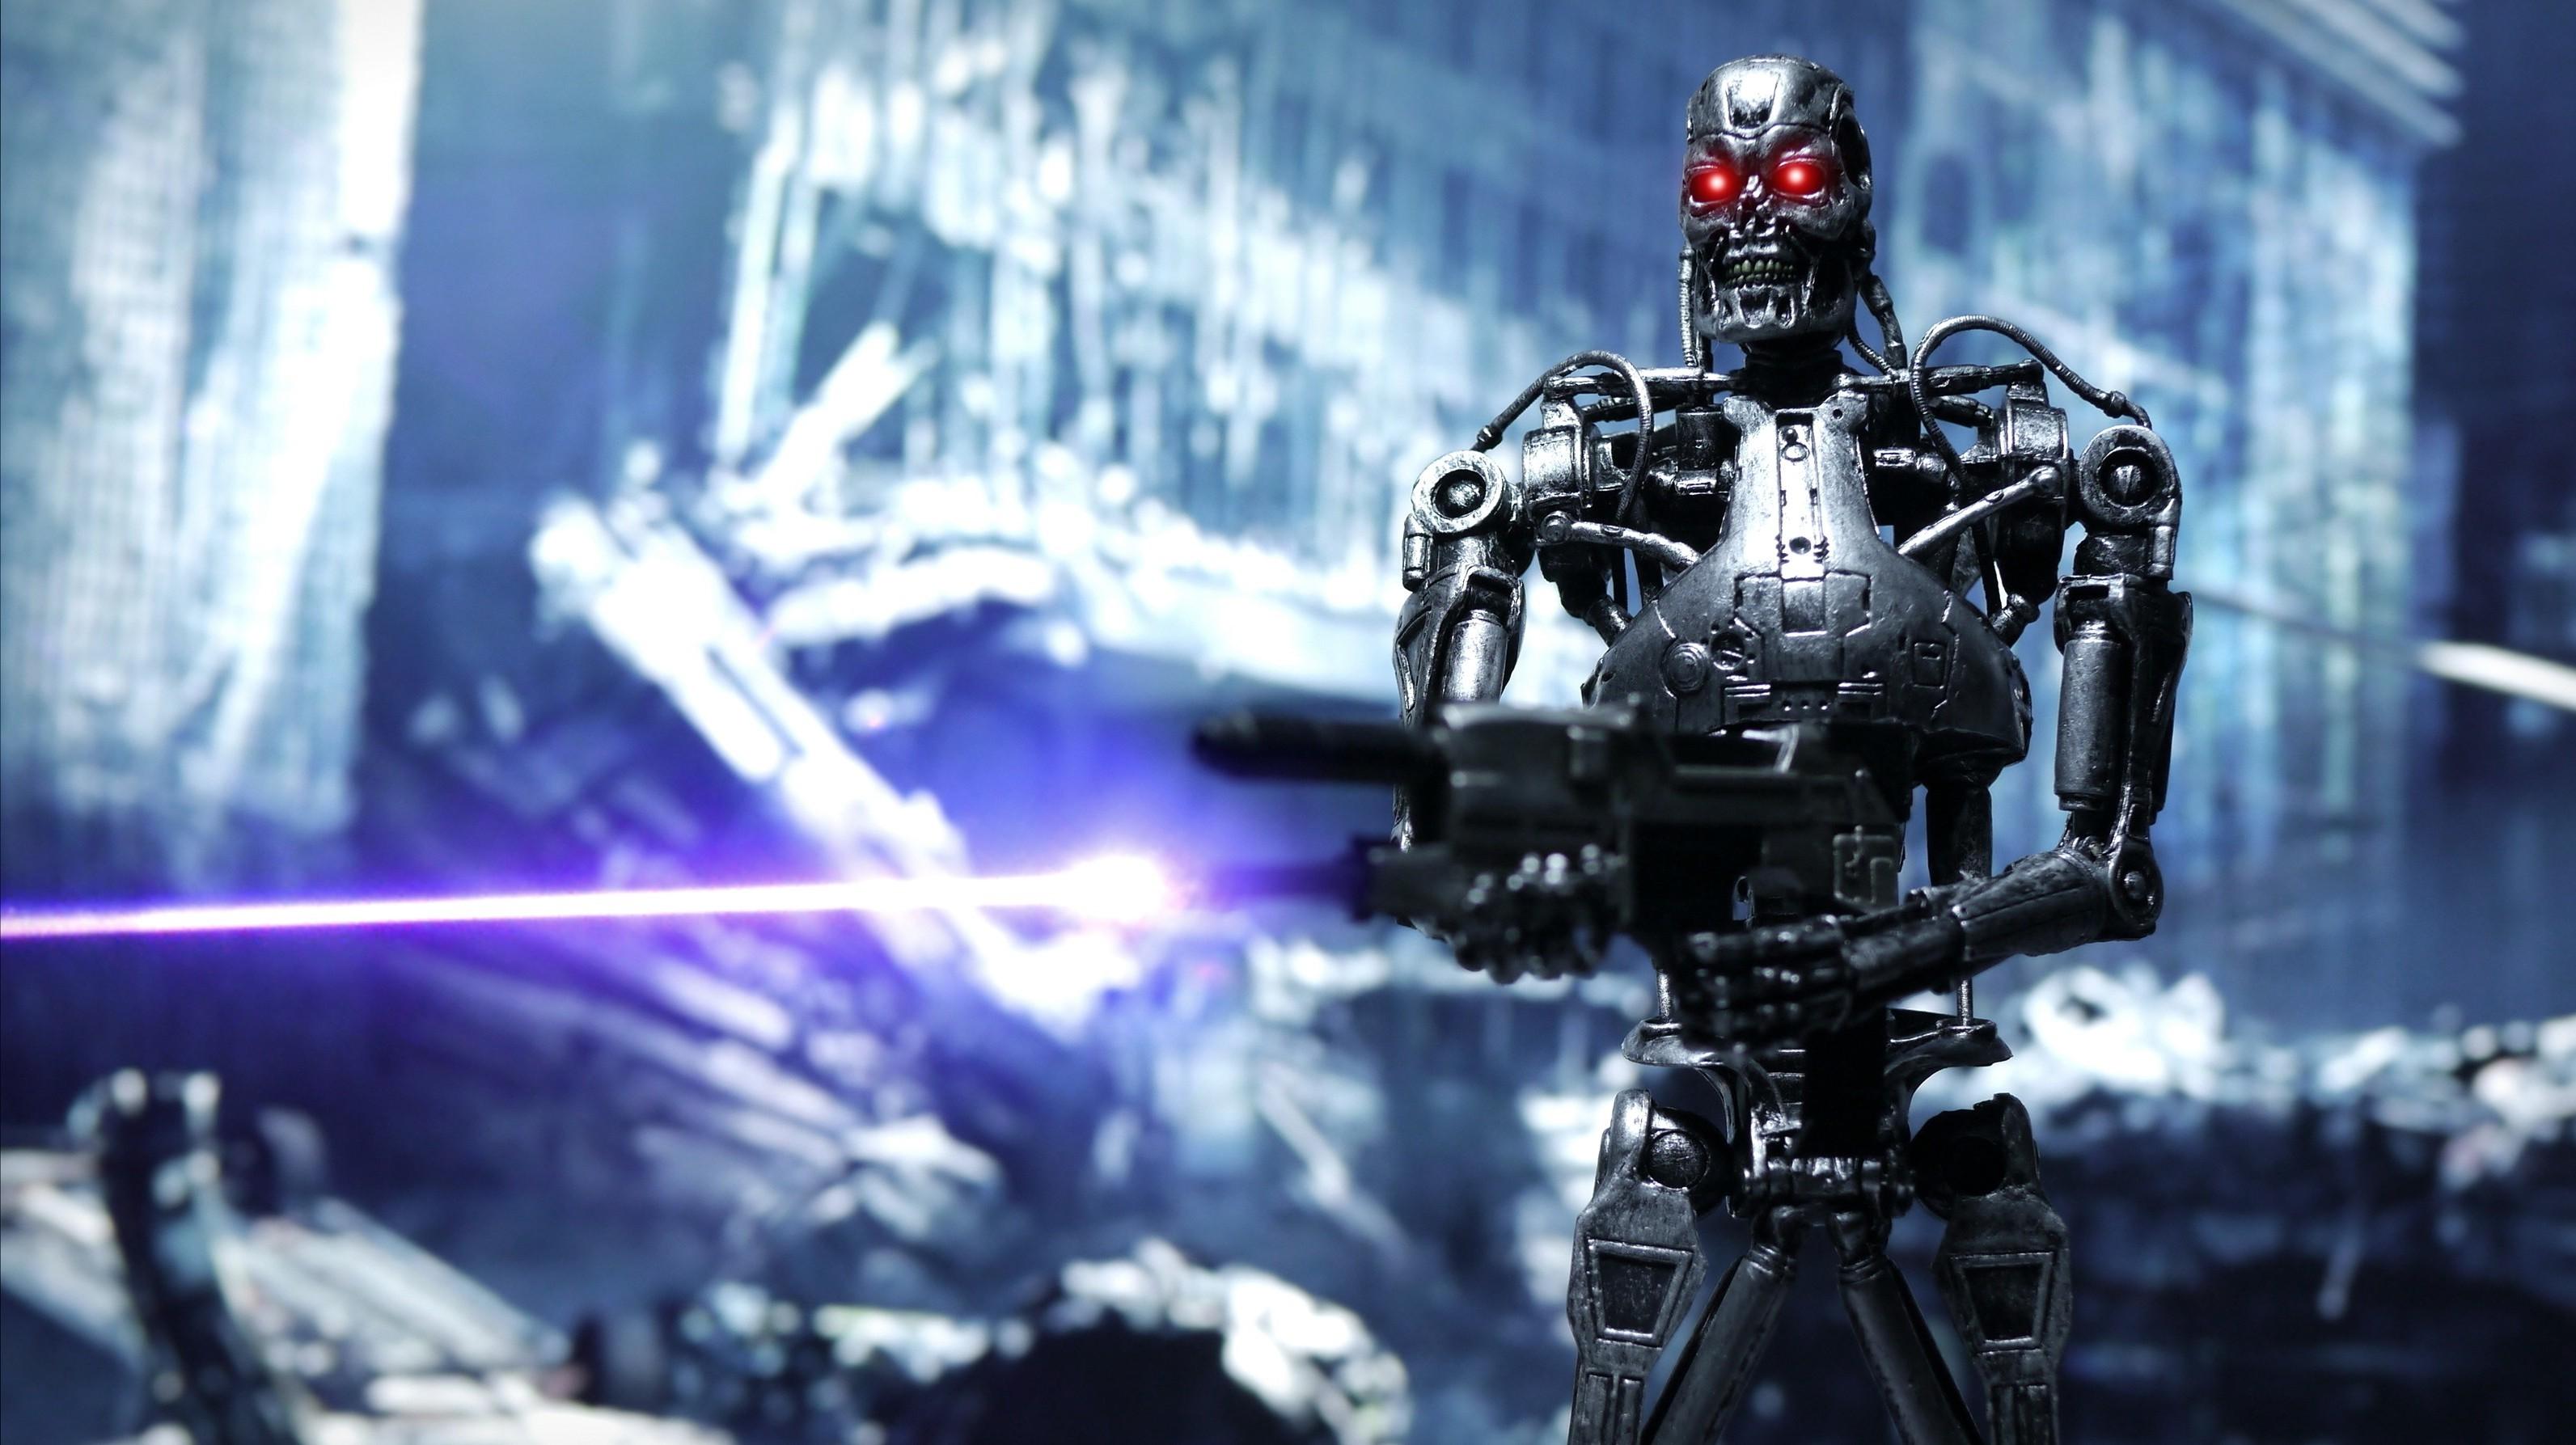 терминатор фото всех роботов обладает пышными формами